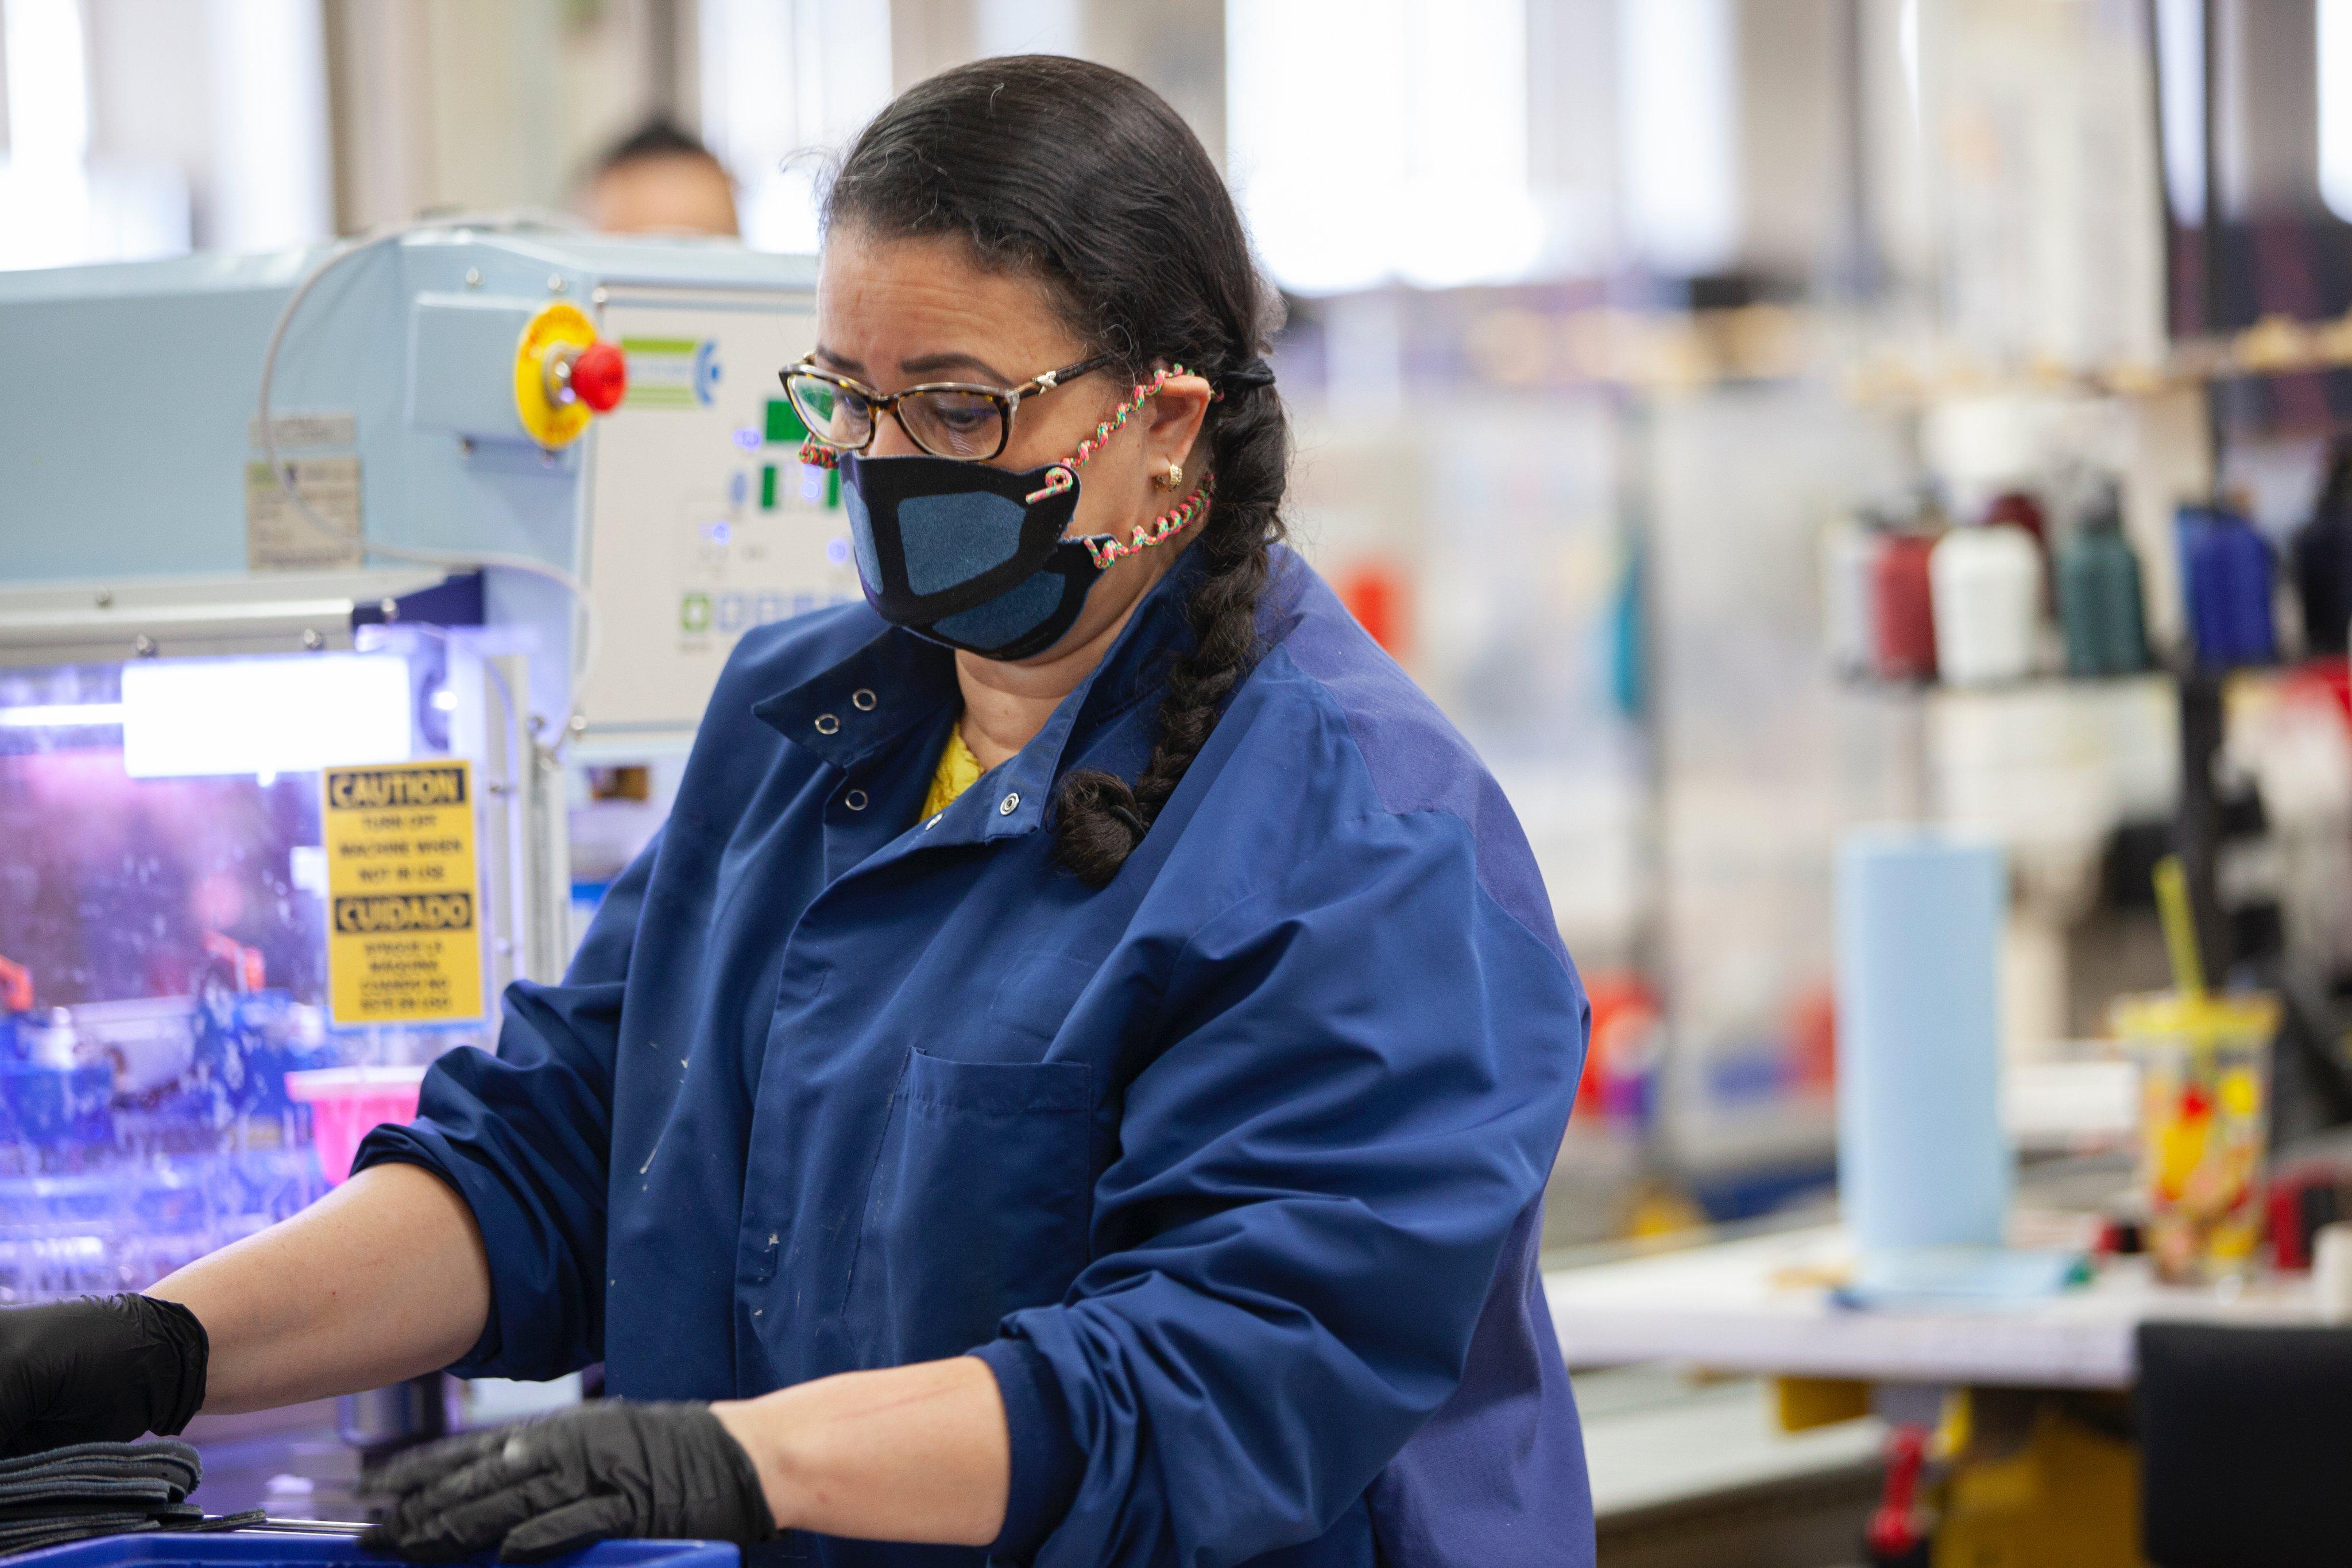 Produção industrial cresce pela nona vez seguida, mas ritmo desacelera